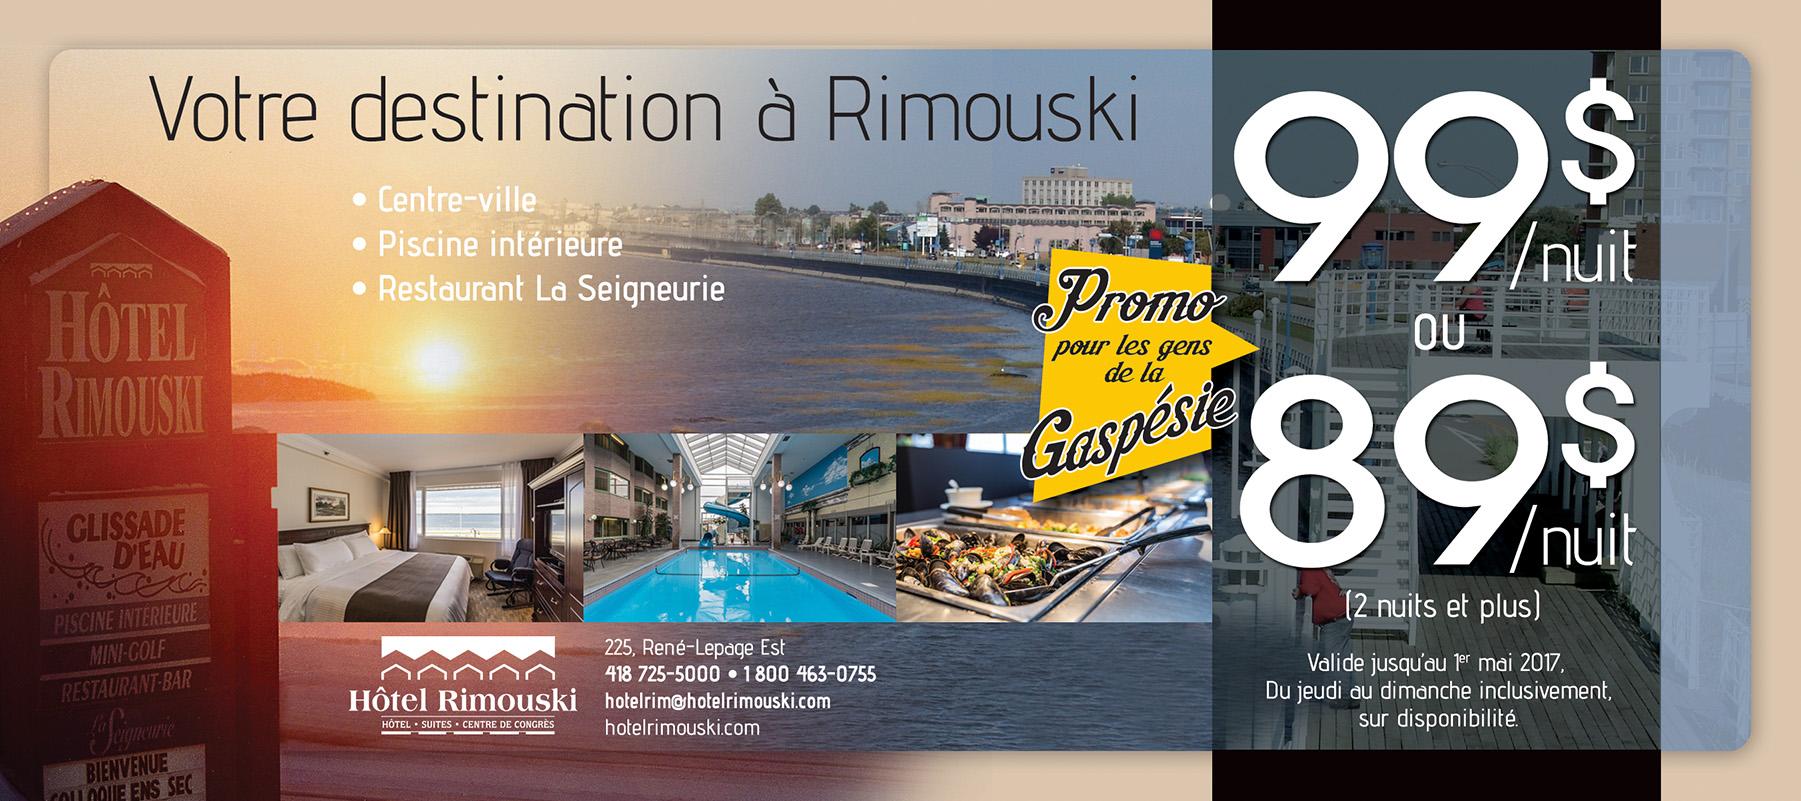 Promo gens de la Gaspésie | Hôtel Rimouski